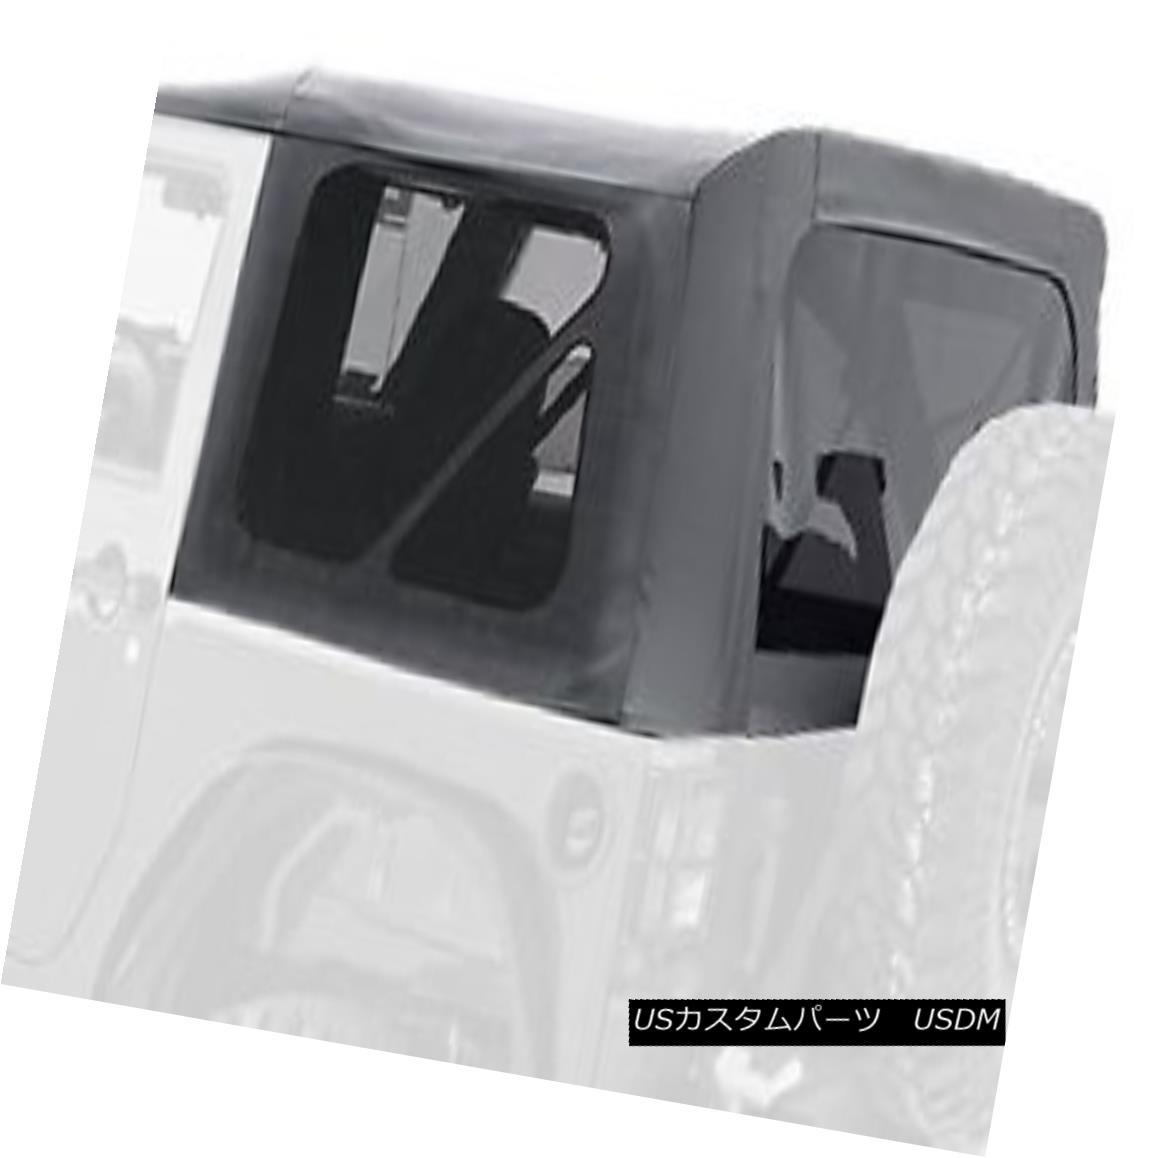 幌・ソフトトップ Jeep TJ Wrangler/Rubicon 1997-06 Replacement Soft Top wTinted Windows 9970235 ジープTJラングラー/ルービック 1997-06交換用ソフトトップwTinted Windows 9970235